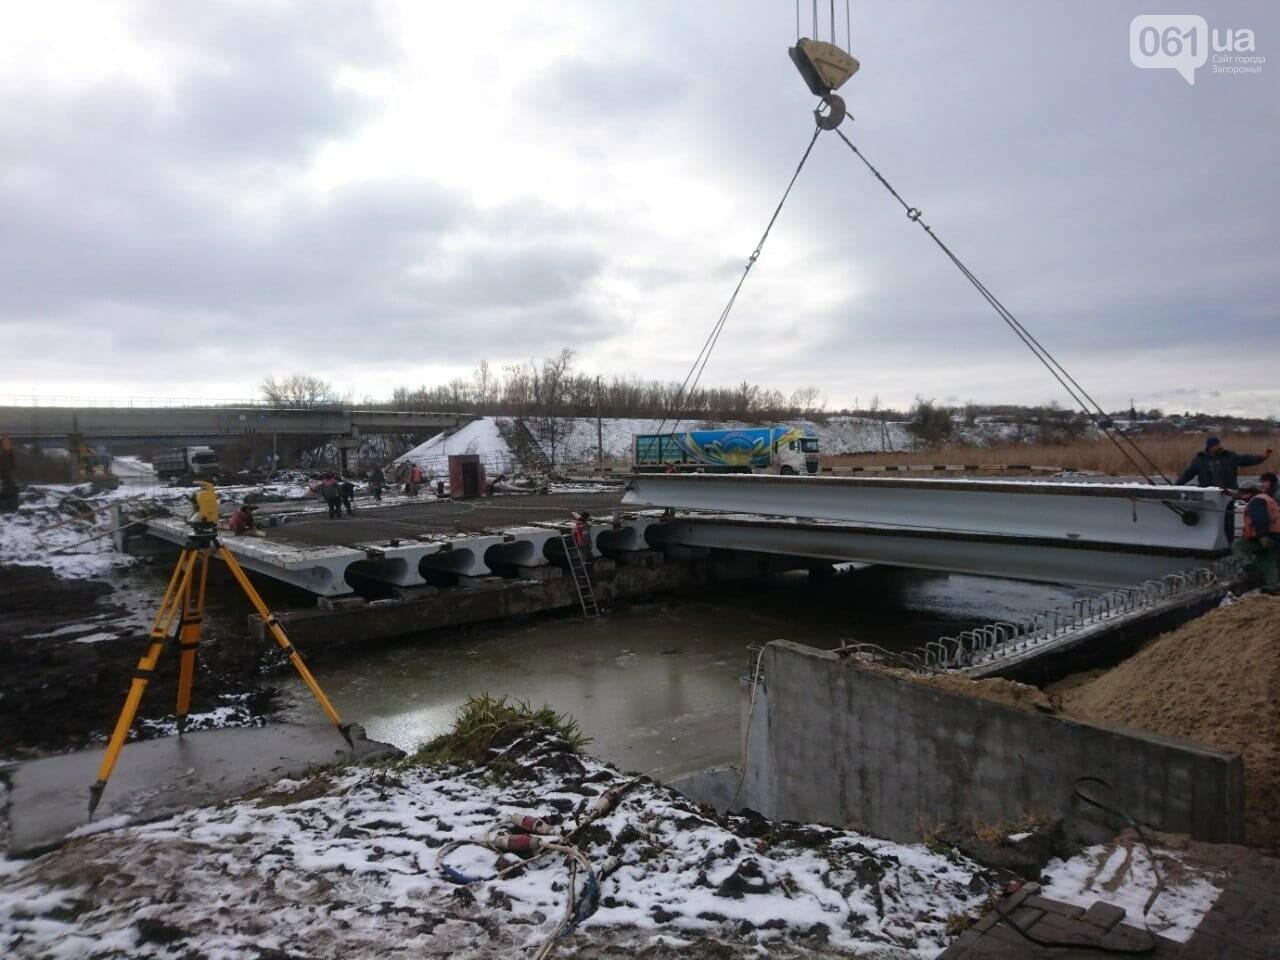 Реконструкция моста под Степногорском: строительно-монтажные работы завершены, - ФОТО , фото-2